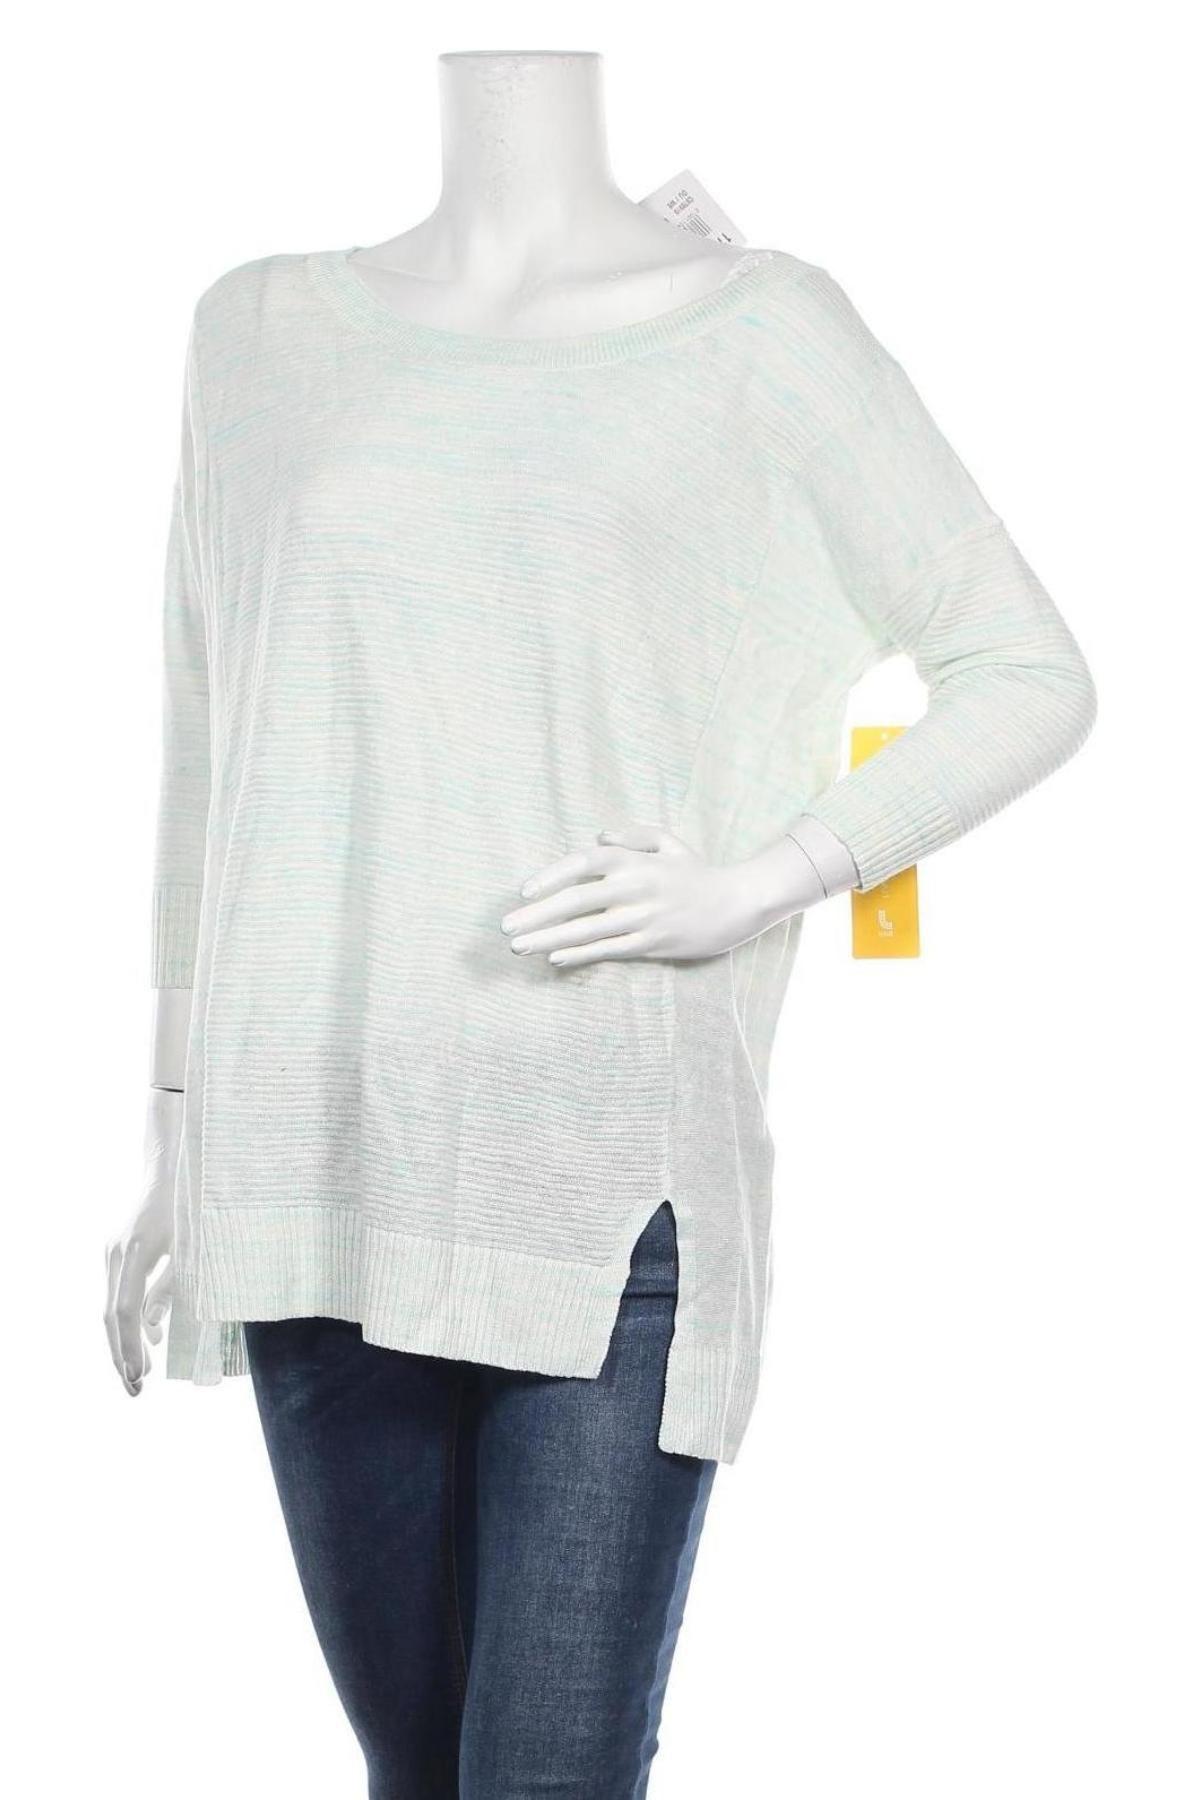 Γυναικείο πουλόβερ Lole, Μέγεθος S, Χρώμα Μπλέ, 65% λινό, 23% βαμβάκι, 12% πολυεστέρας, Τιμή 24,74€